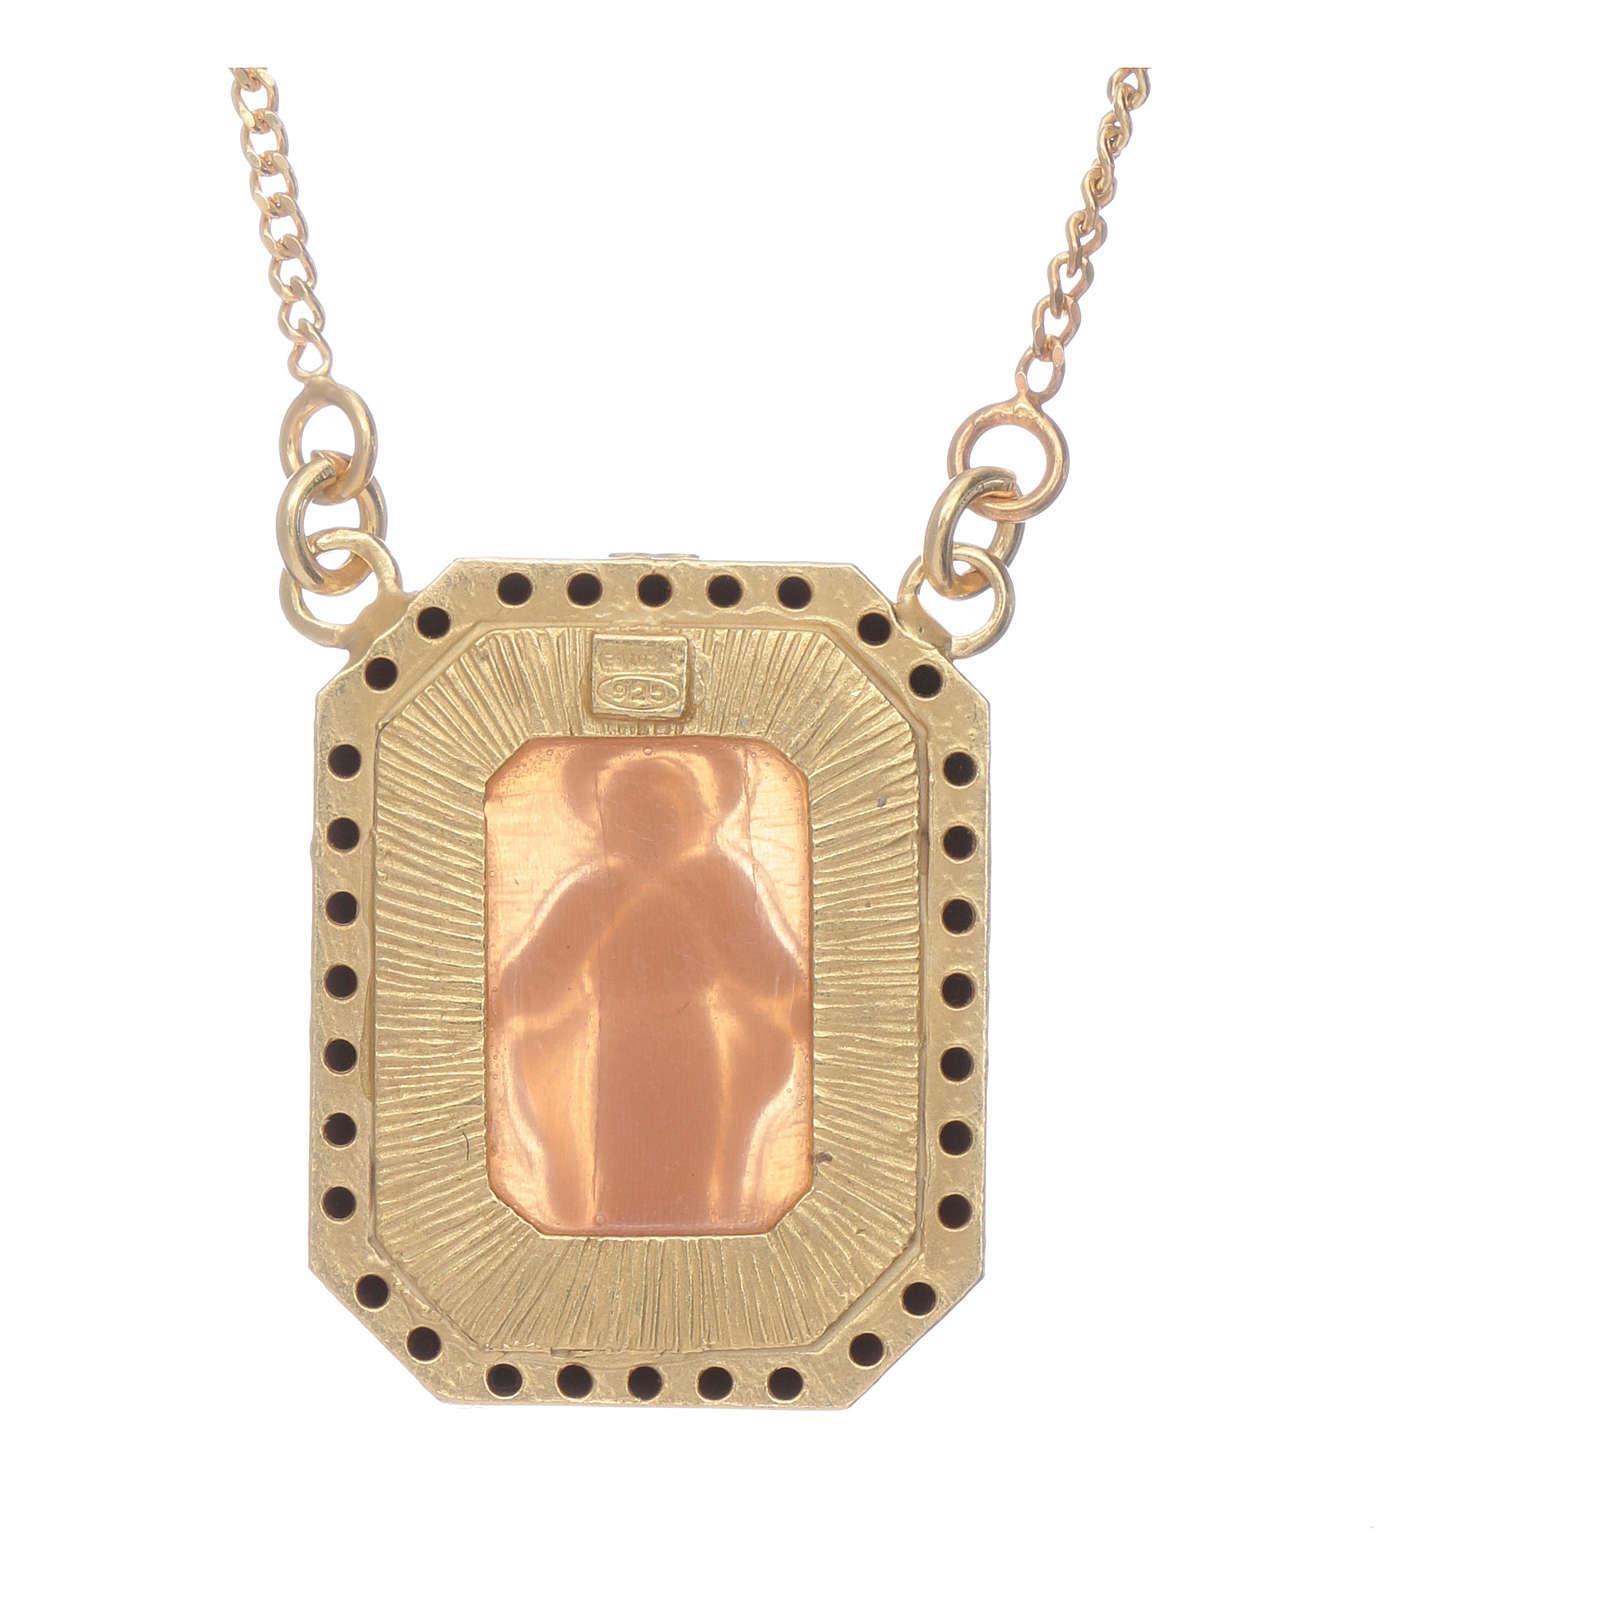 Tour de cou en argent 925 avec Vierge Miraculeuse en camée et zircons noirs 4